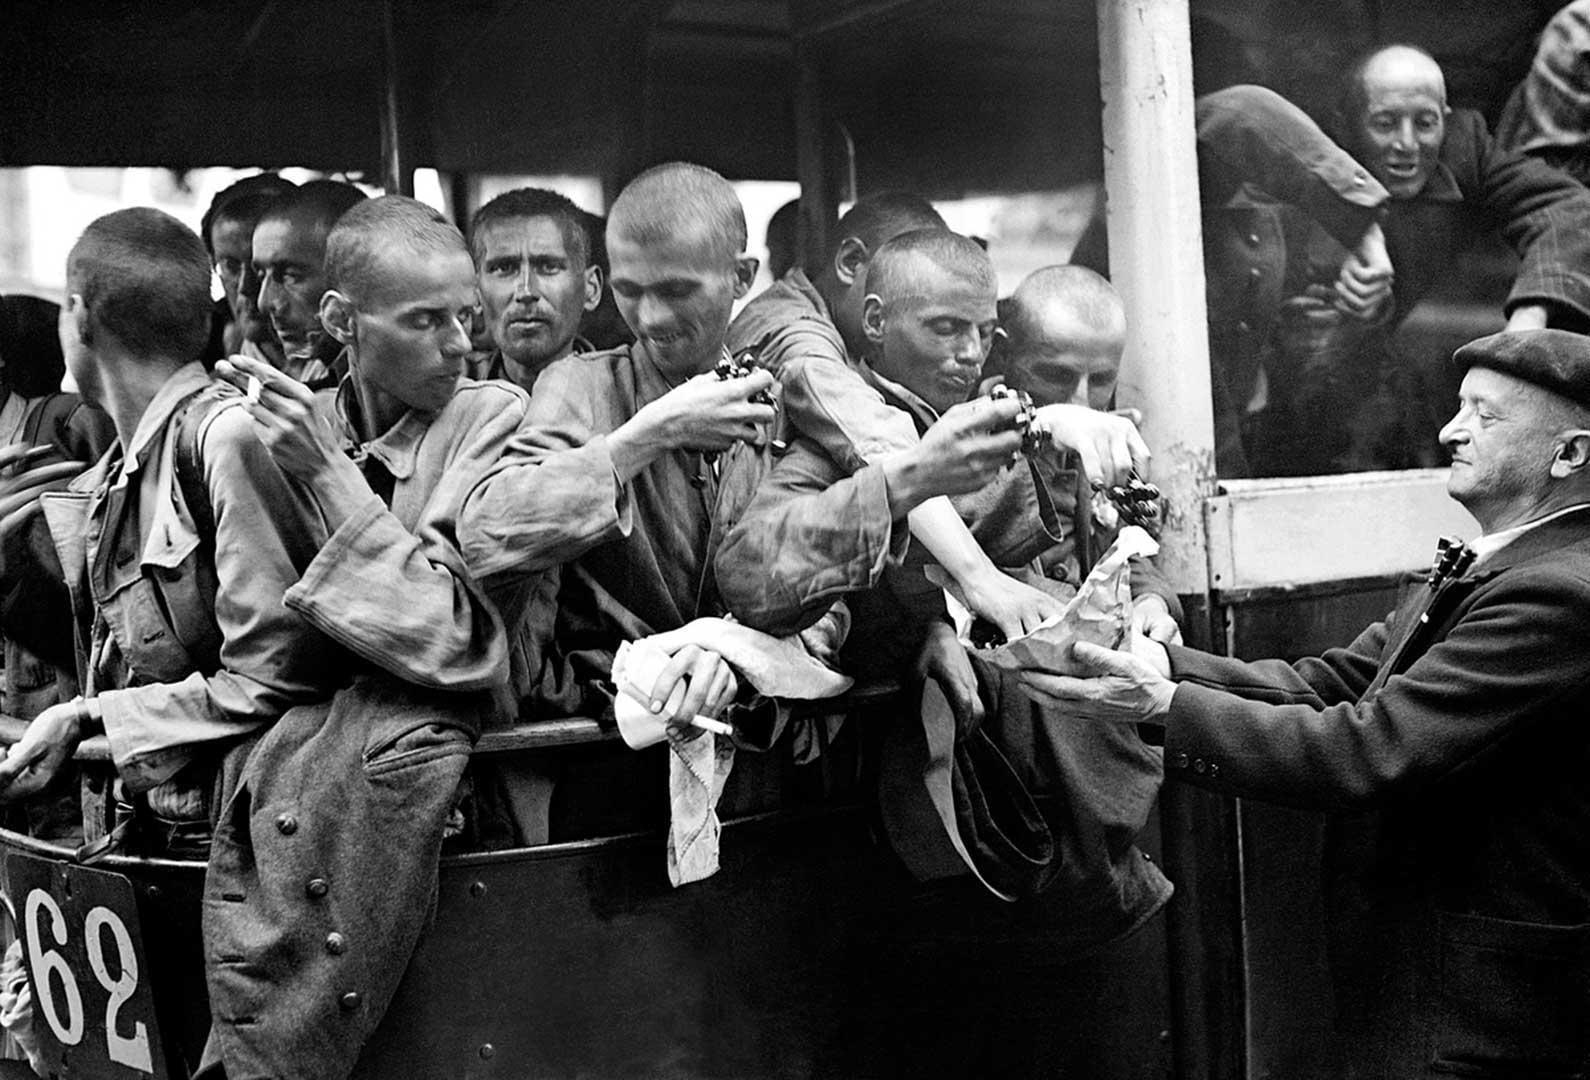 Photographie de déportés transportés en bus vers l'hôtel Lutetia, printemps 1945